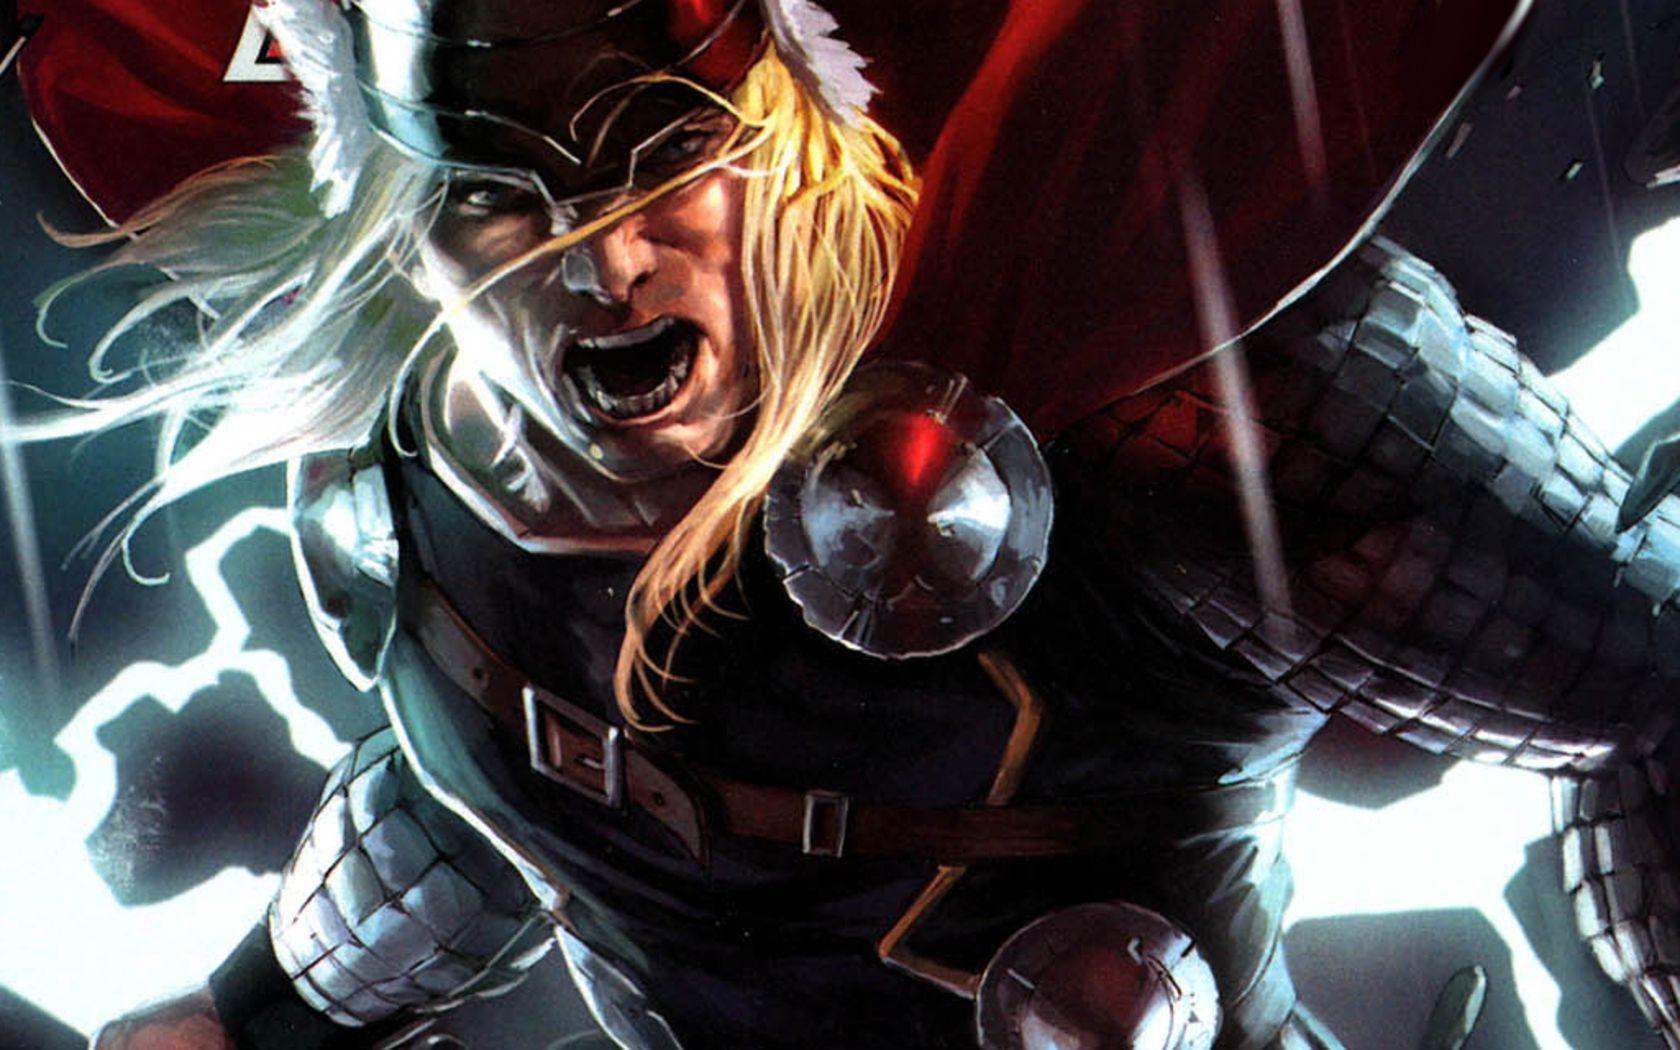 Fantastic Thor Wallpaper Art - GeekShizzle   GeekShizzle